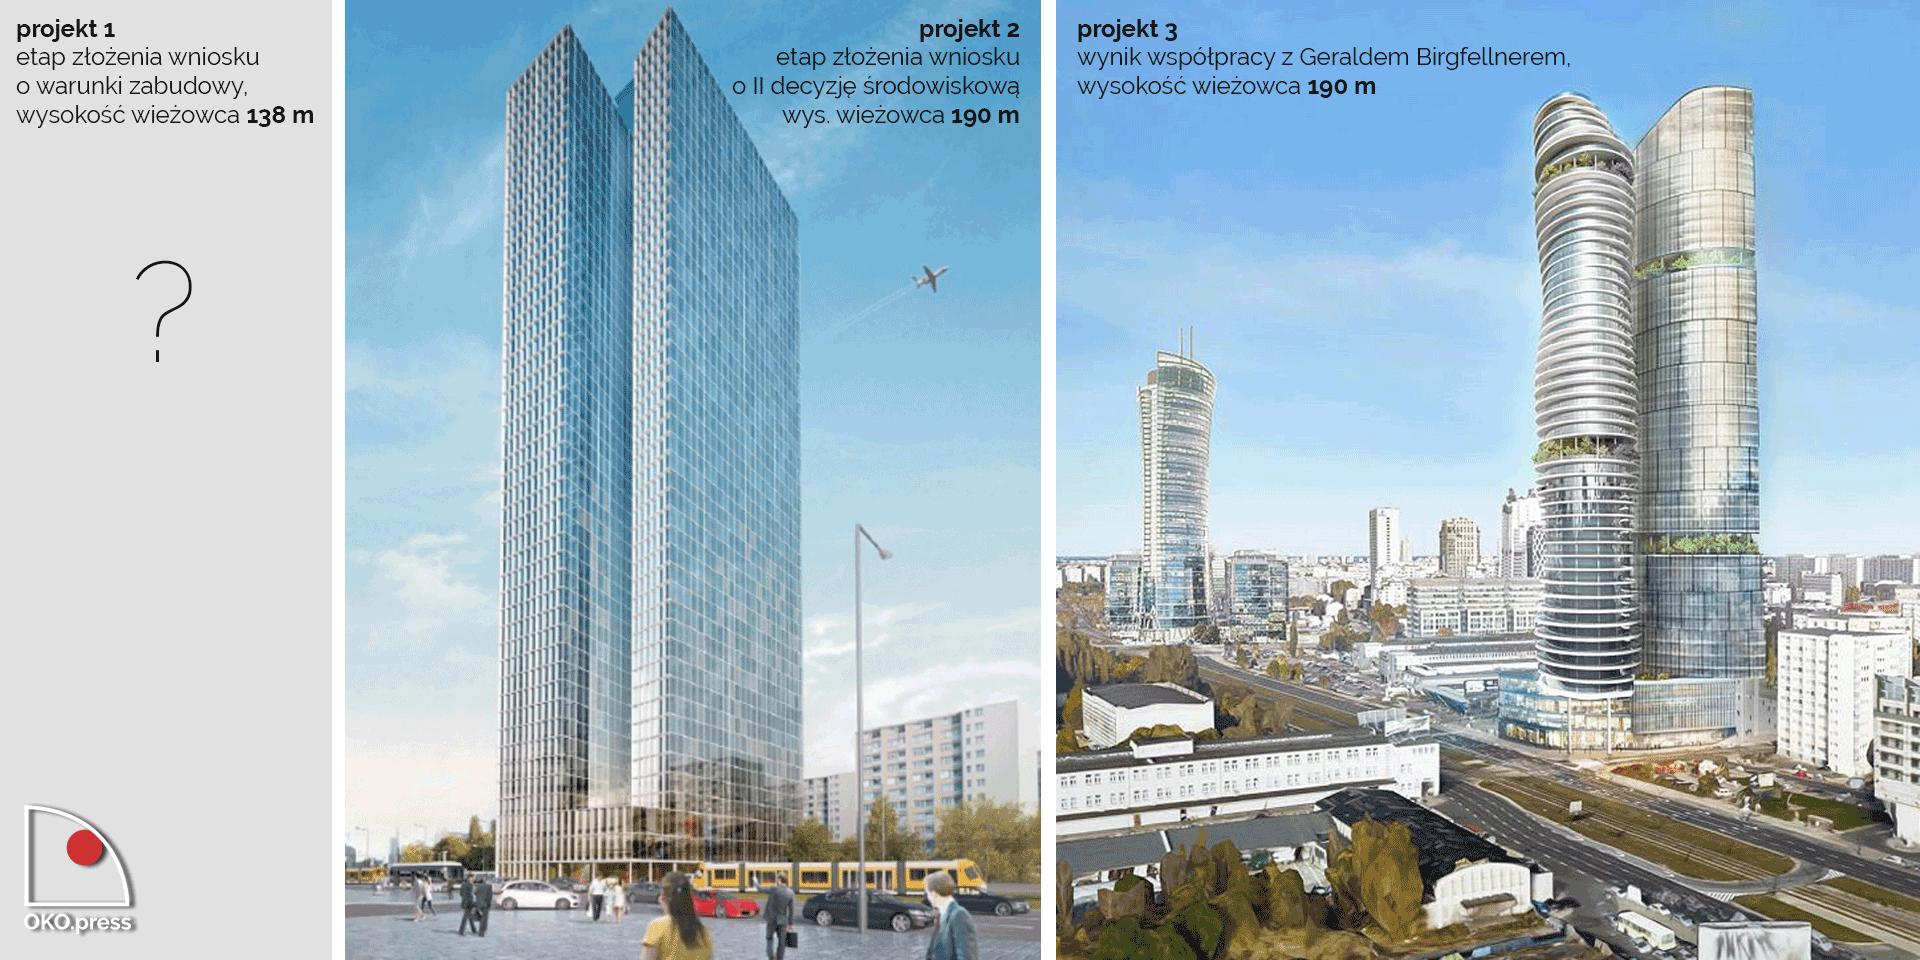 3 wersje projektu wysokościowca przy Srebrnej 16. Źródło: Gazeta Wyborcza, Eurobuild CEE